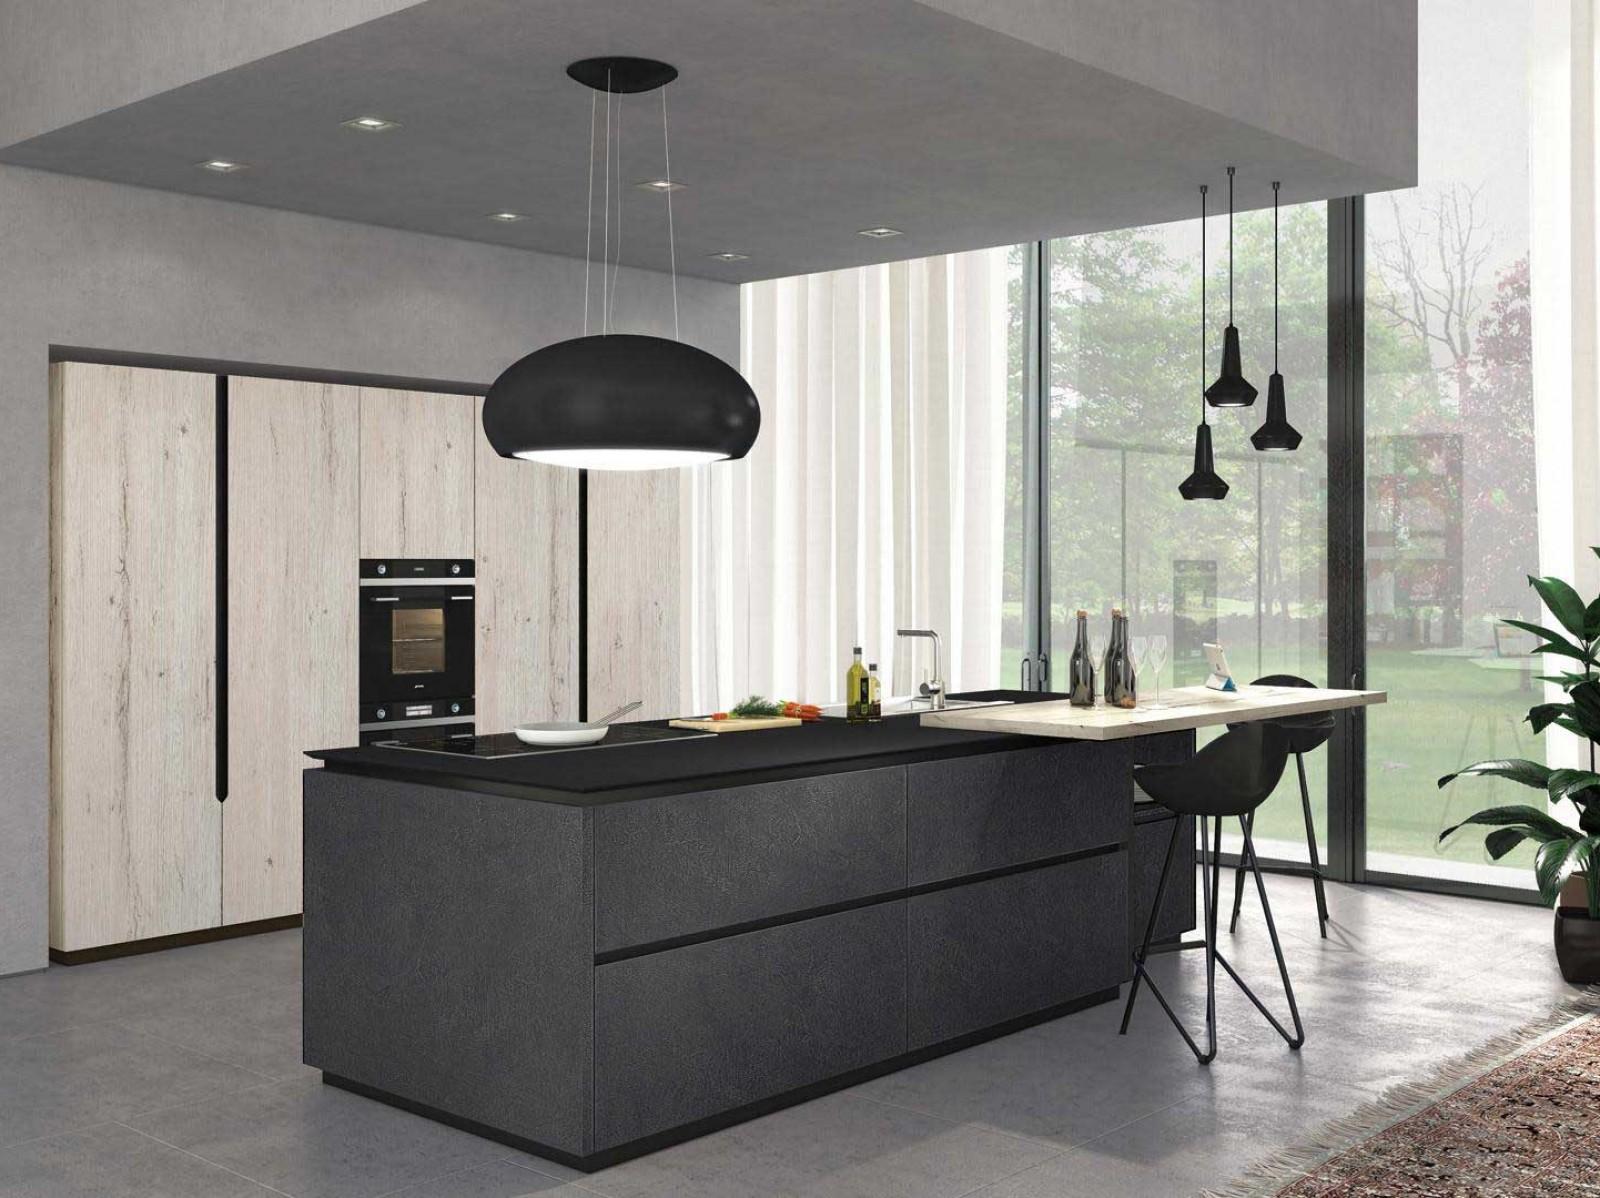 Proposte d 39 arredo cucine cucina oltre di cucine lube - Cucina lube oltre ...